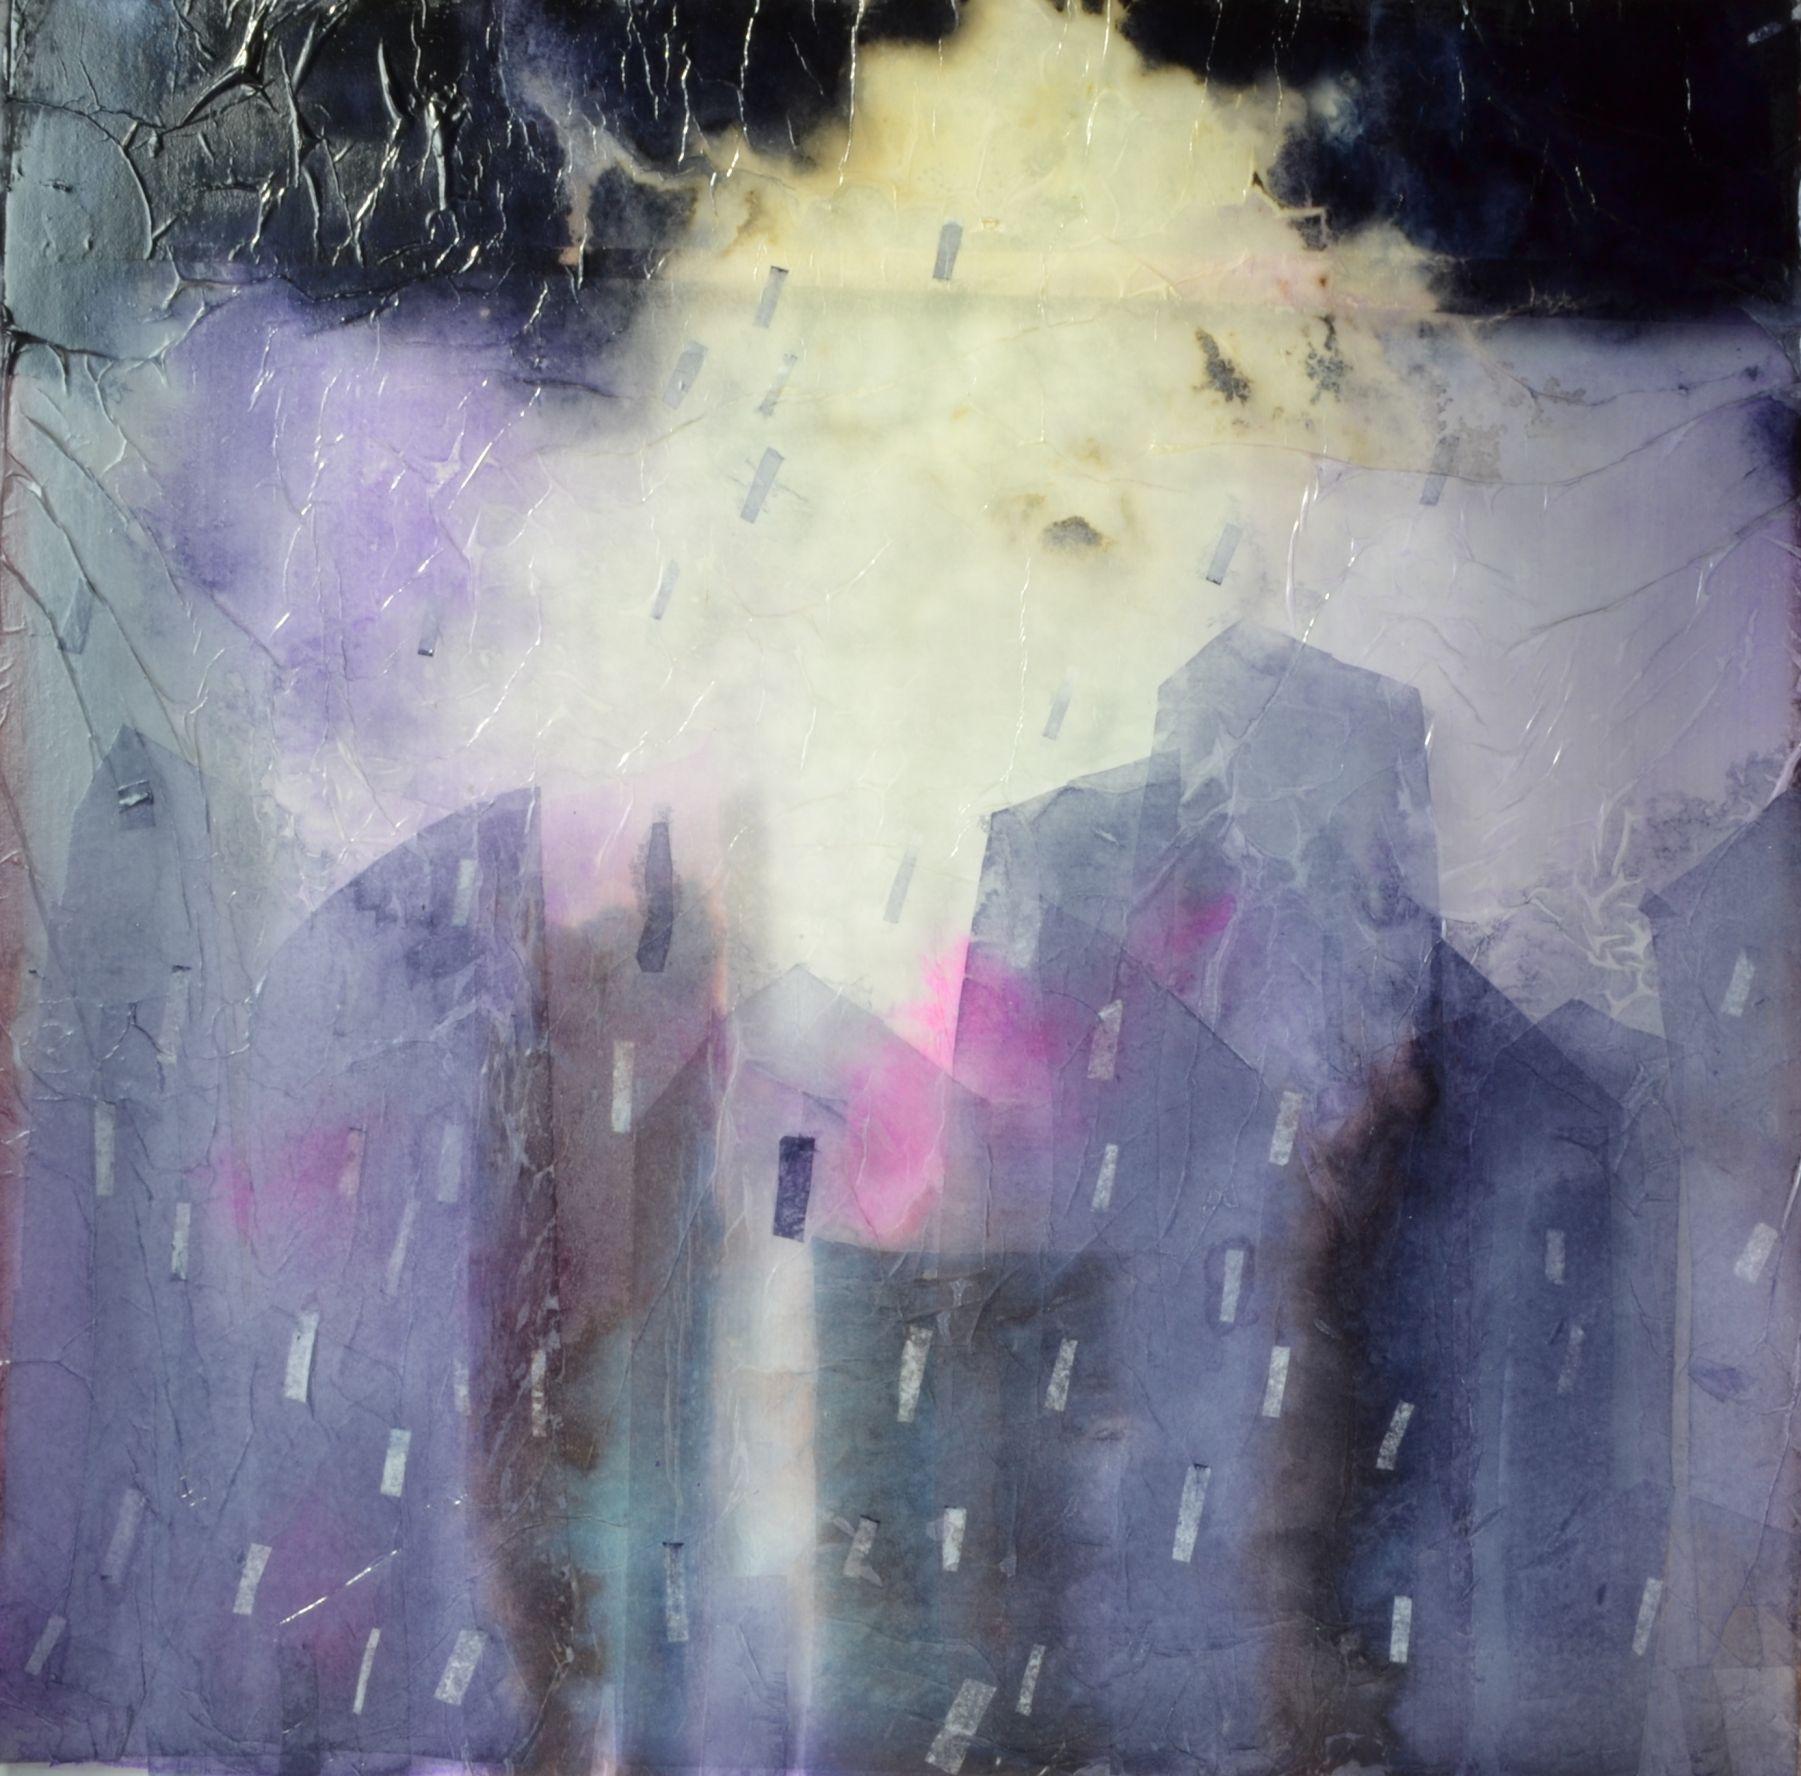 mezclado con la lluvia (2019) - Esther Cuesta